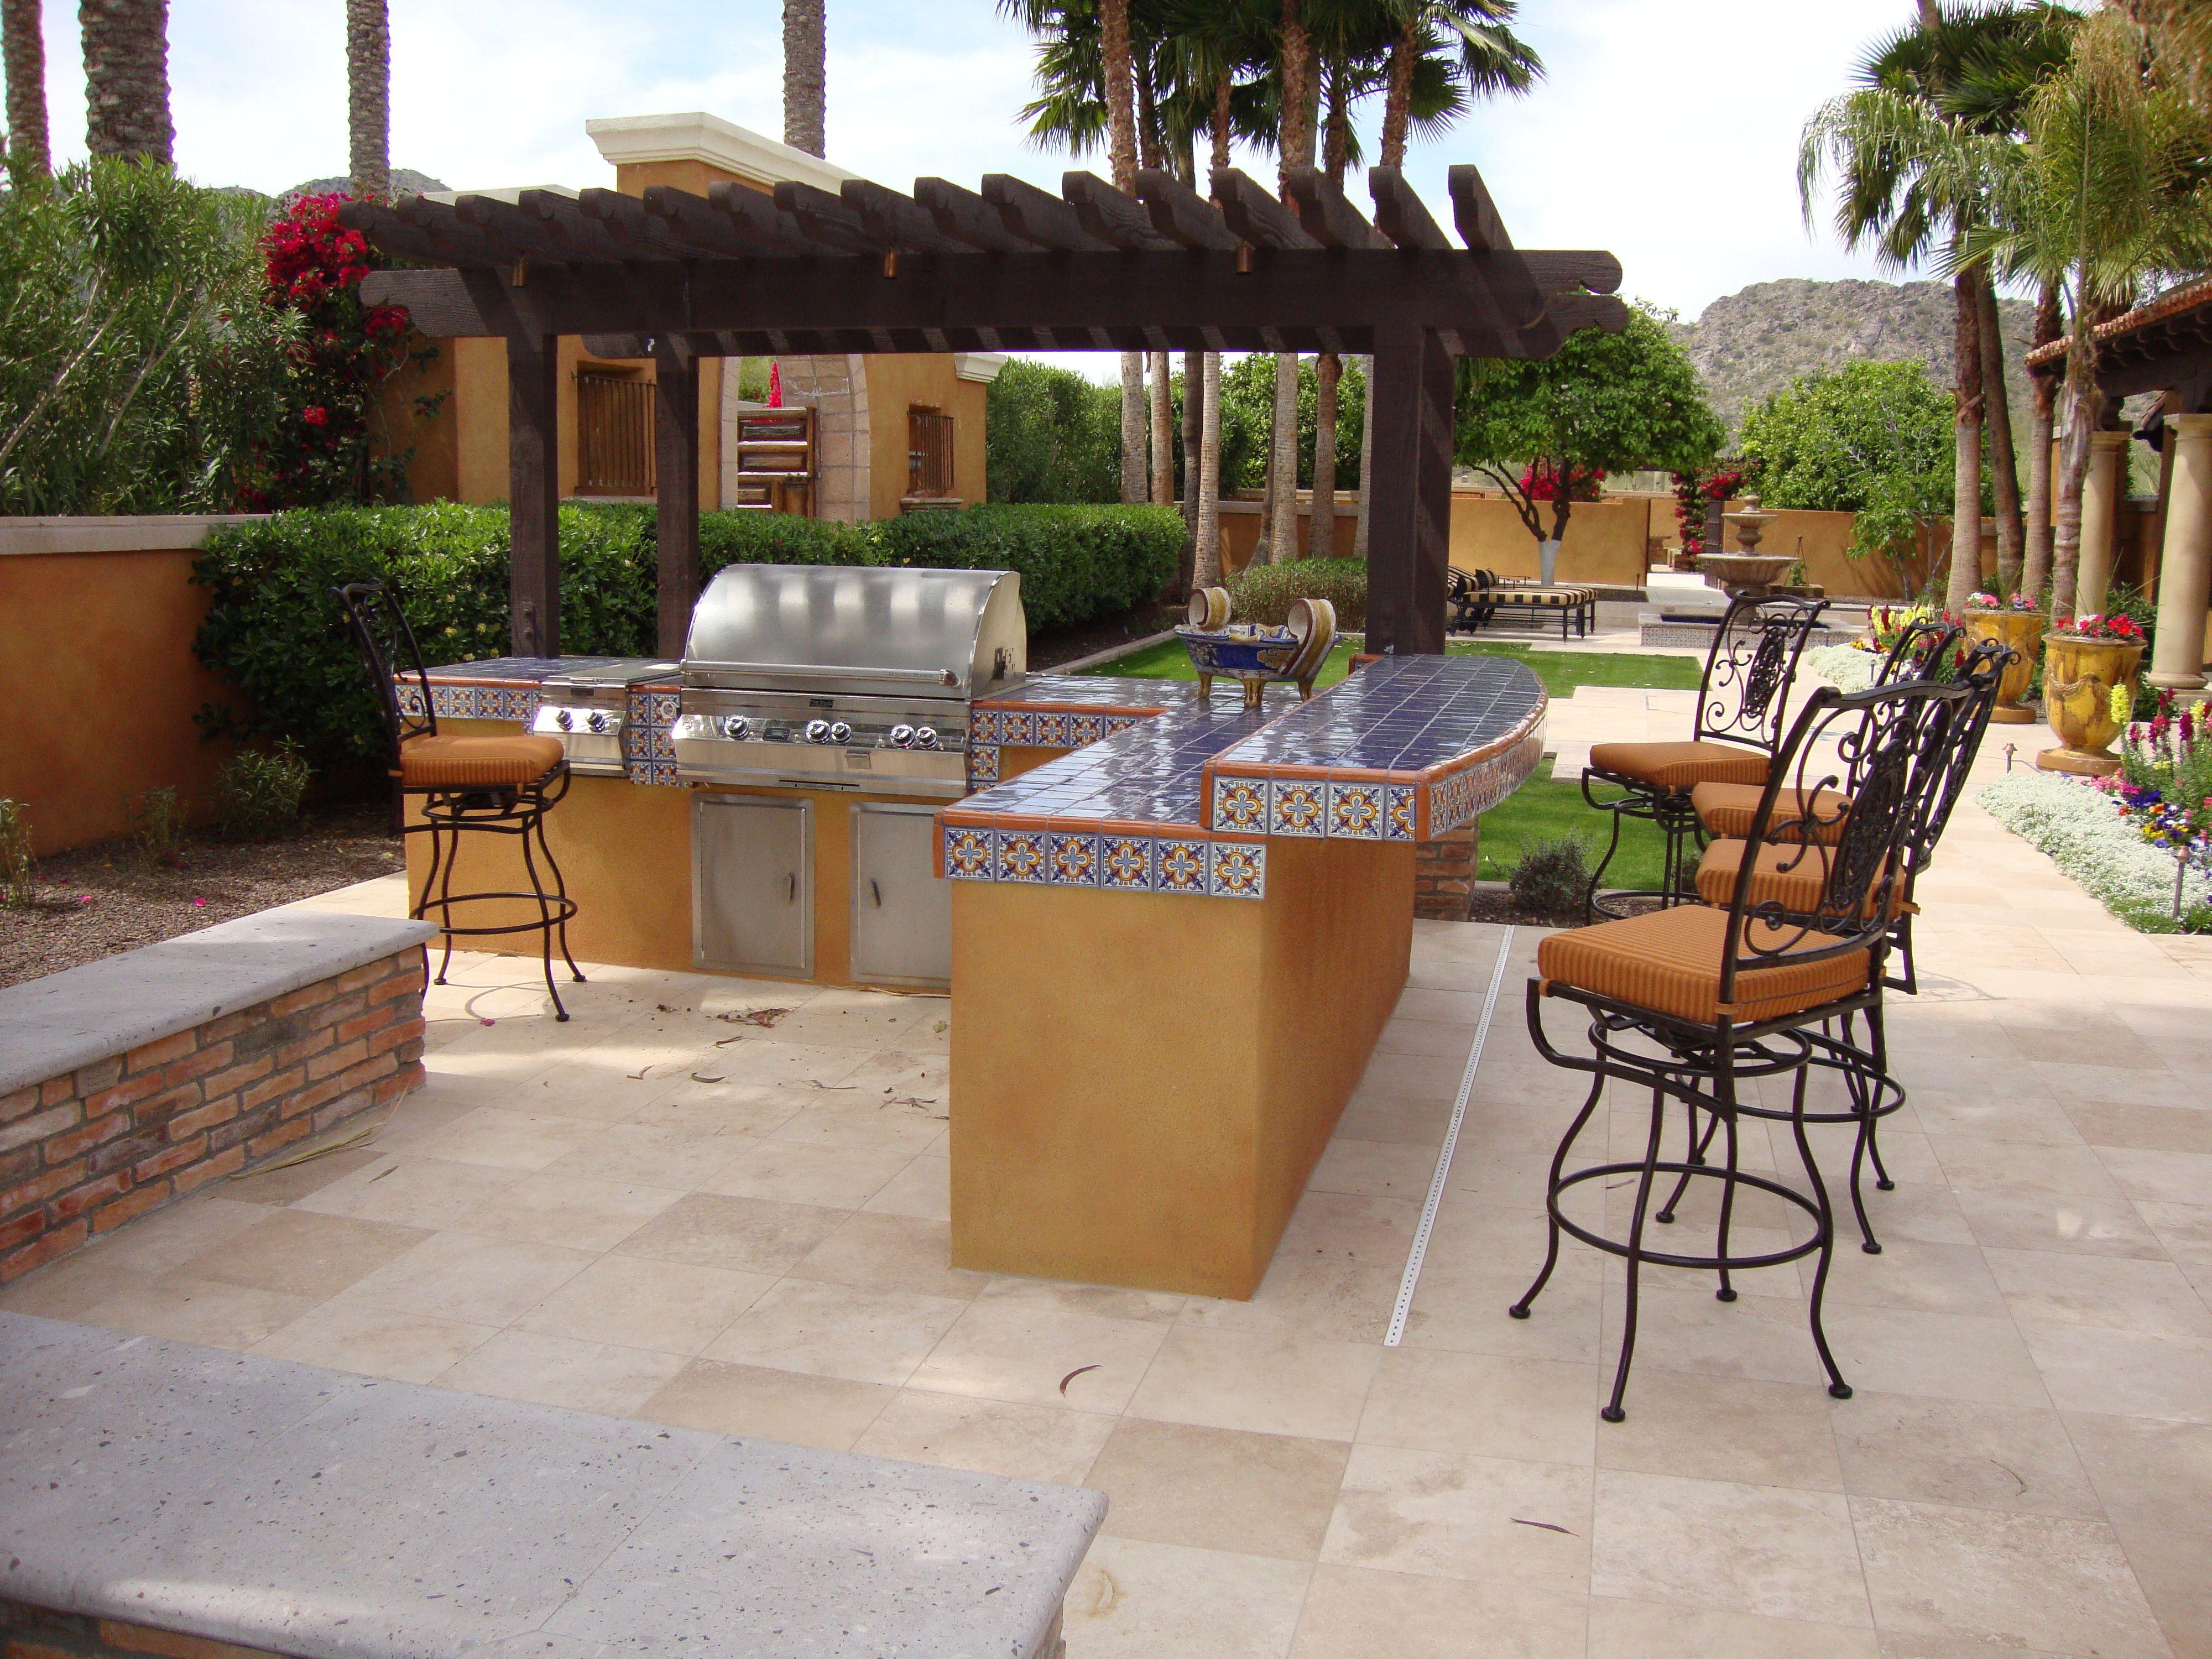 Outdoor Küchen Ideen : Outdoor küche ideen auf einem budget outdoor grill design outdoor